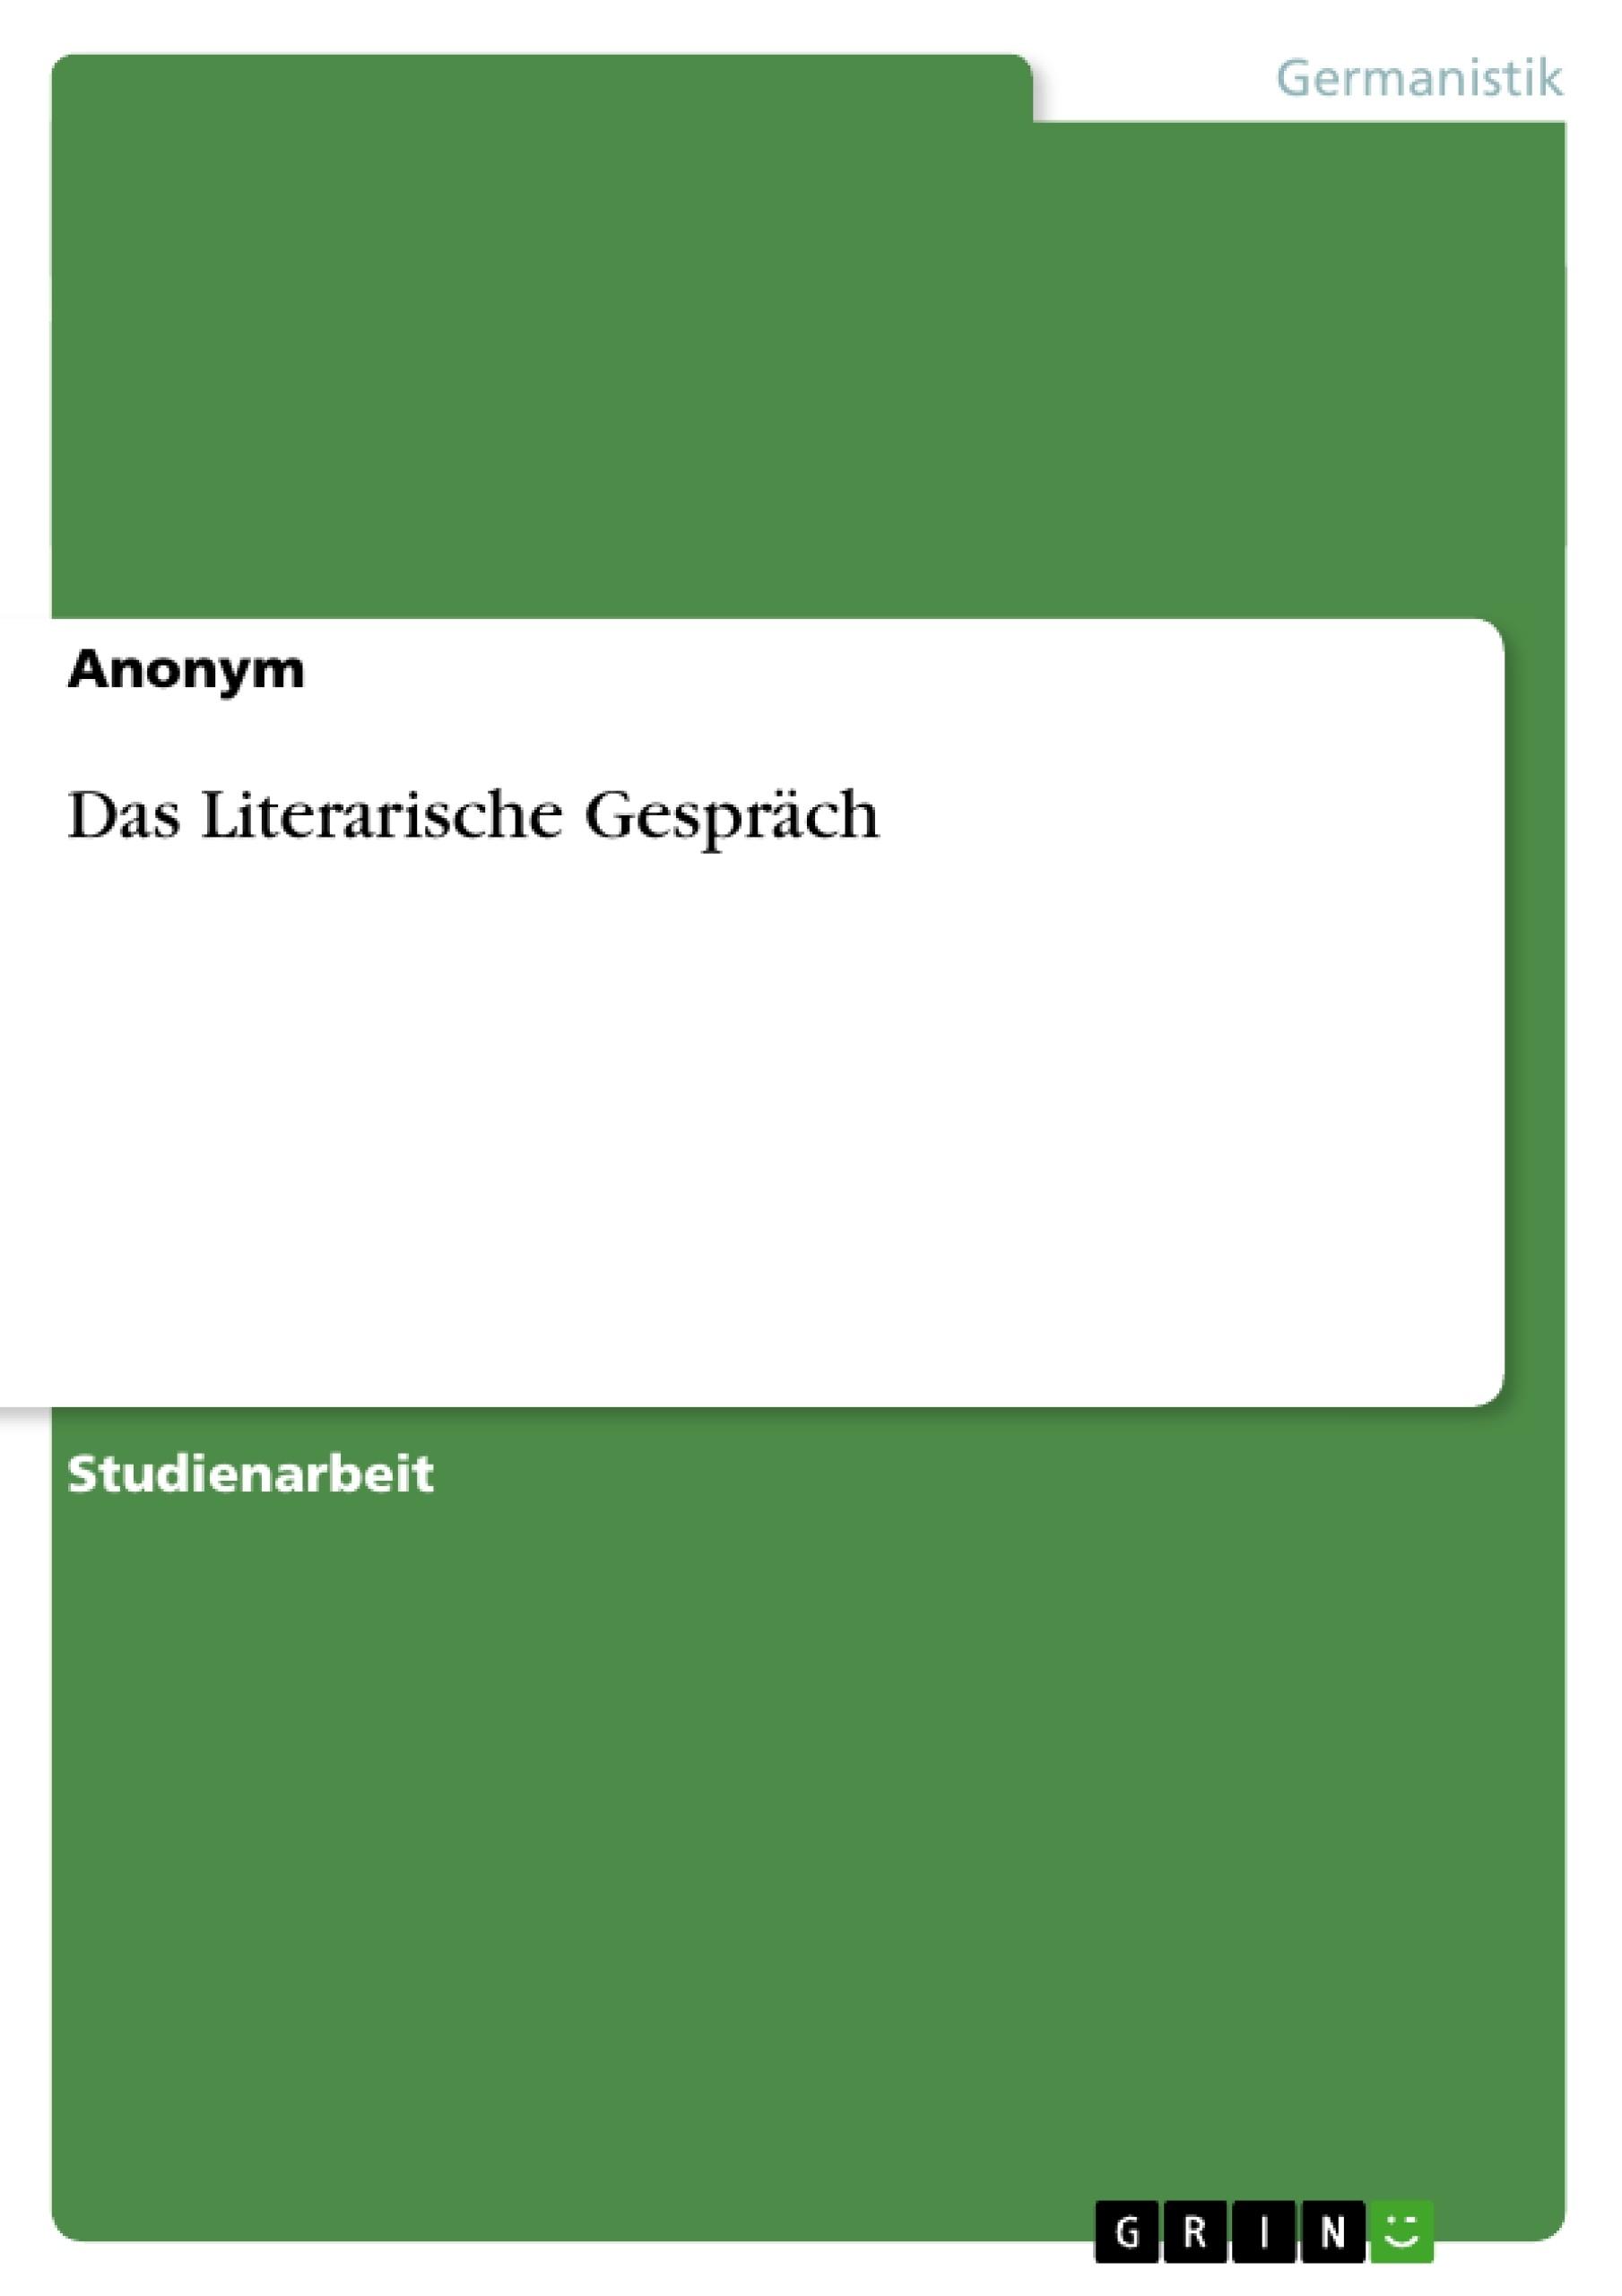 Titel: Das Literarische Gespräch